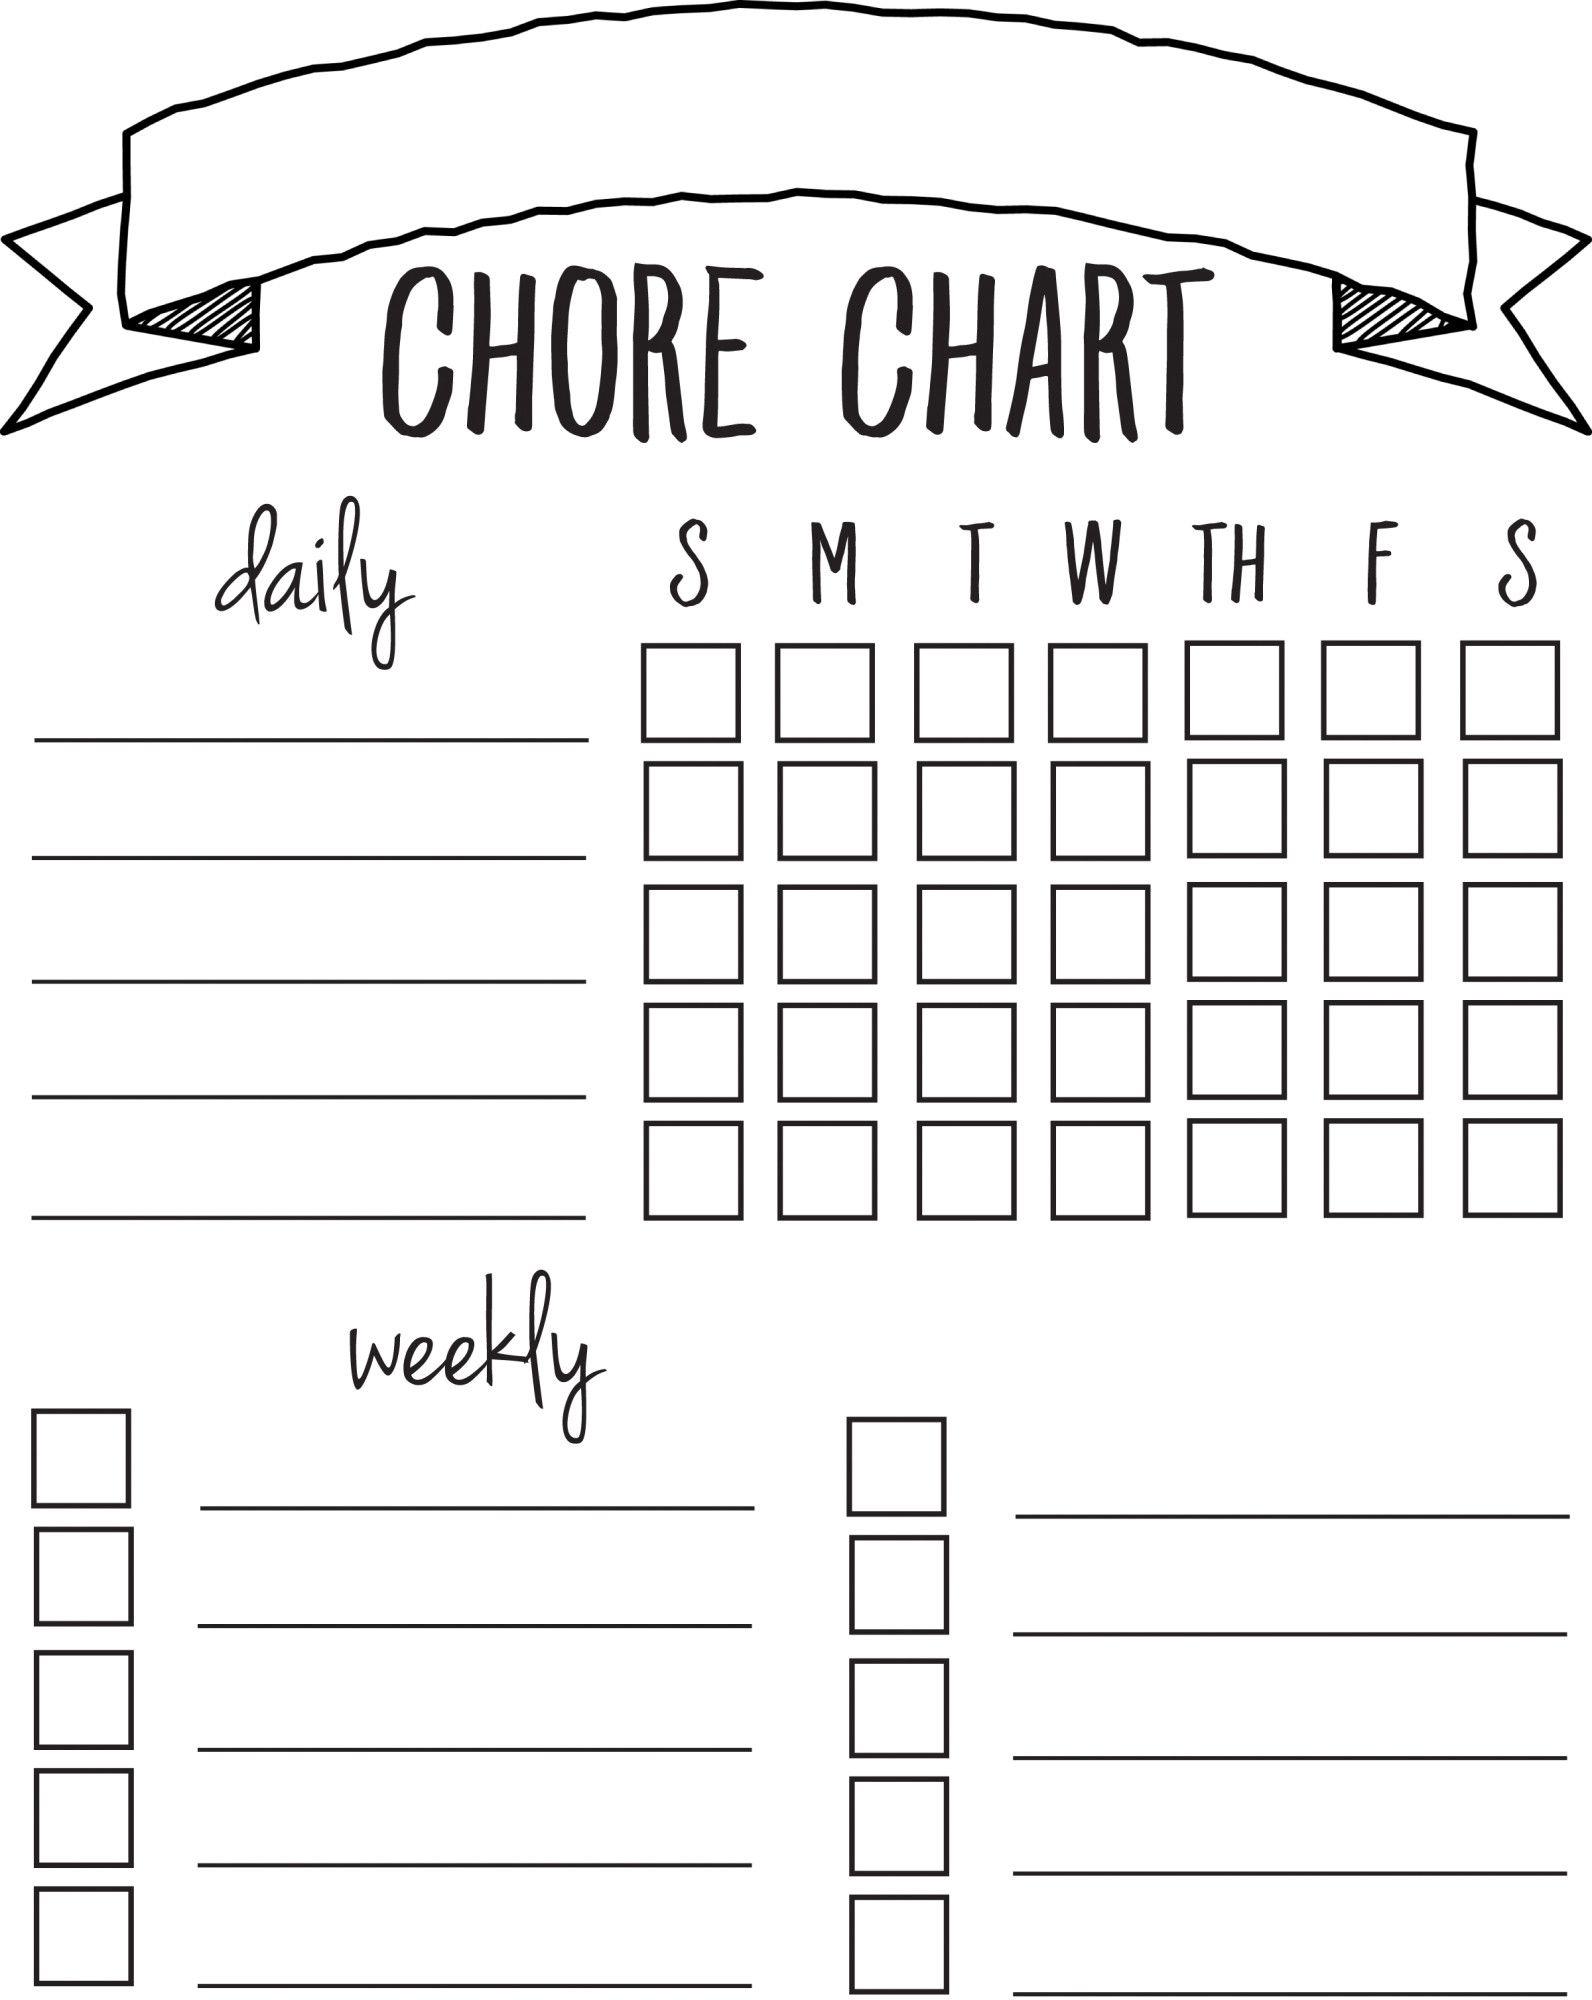 Diy Printable Chore Chart | Free Printables Nov/feb | Pinterest - Free Printable Teenage Chore Chart